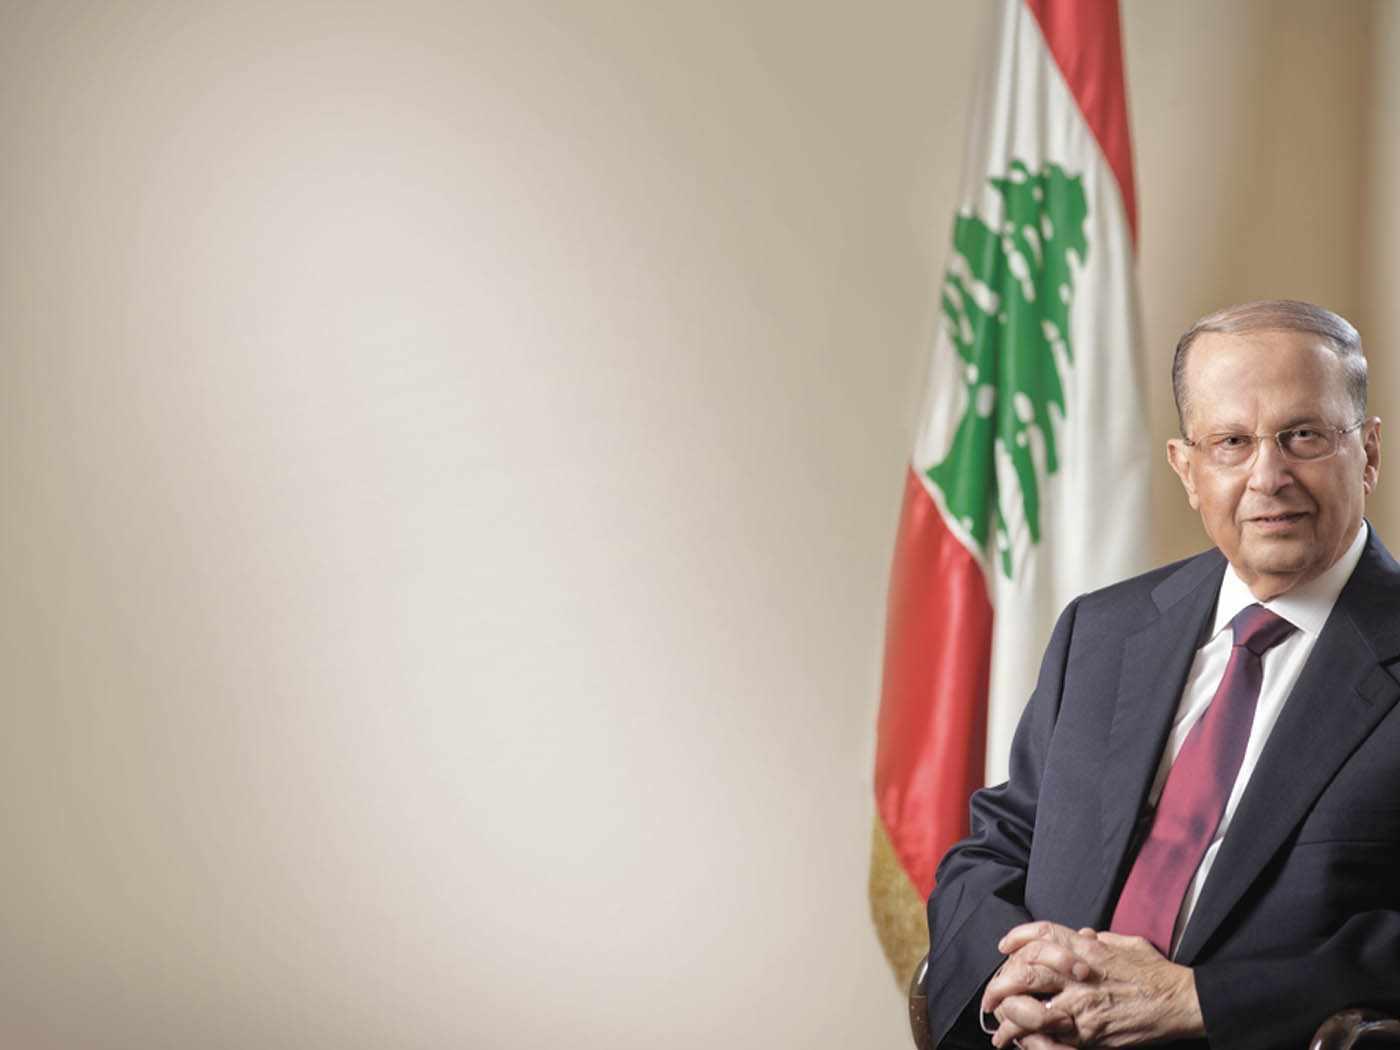 Patriarches et évêques libanais en faveur d'un gouvernement de réconciliation nationale